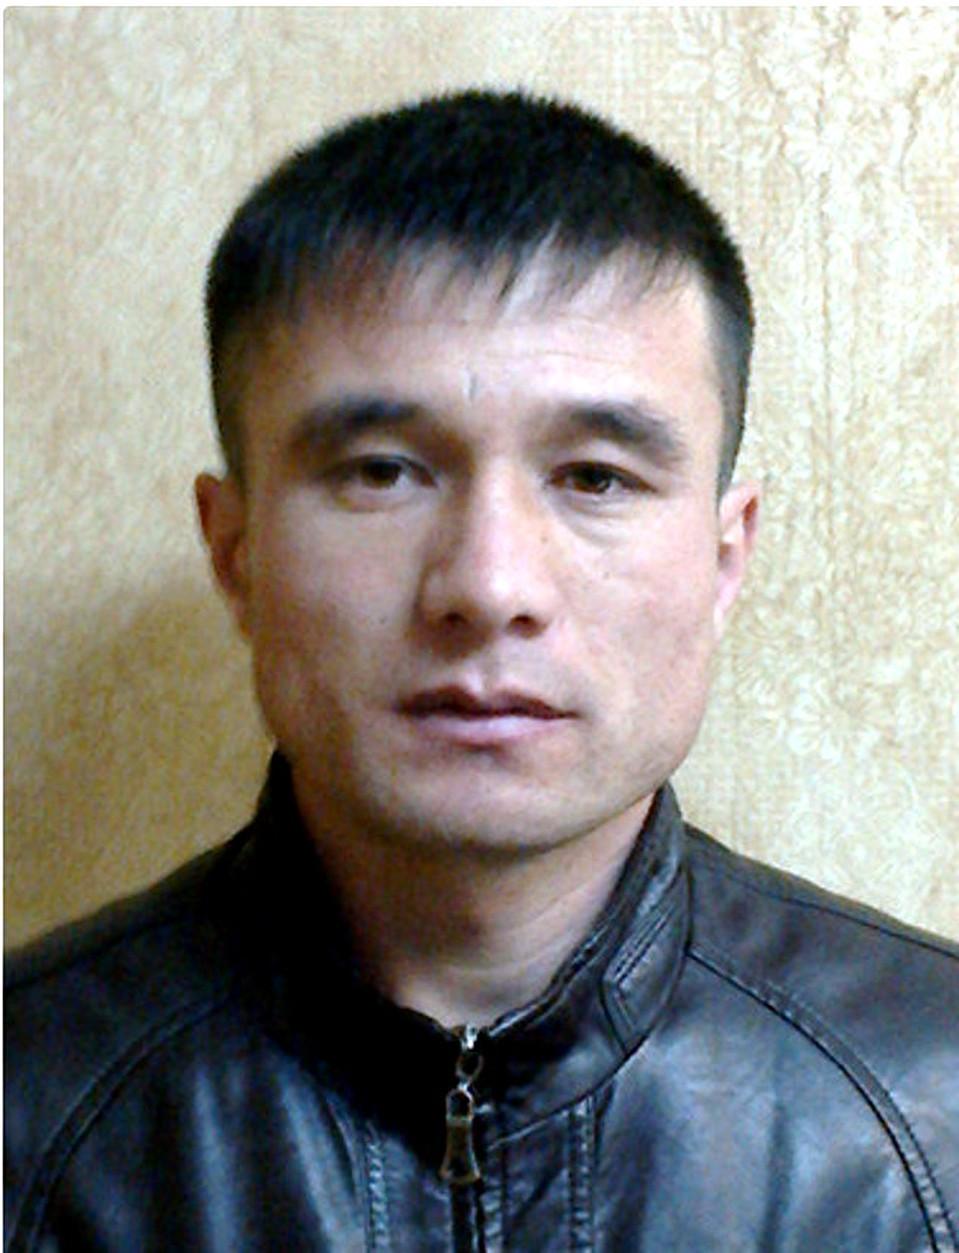 мама фото мужчина прокуроров узбекский солдат госпитале, чтобы